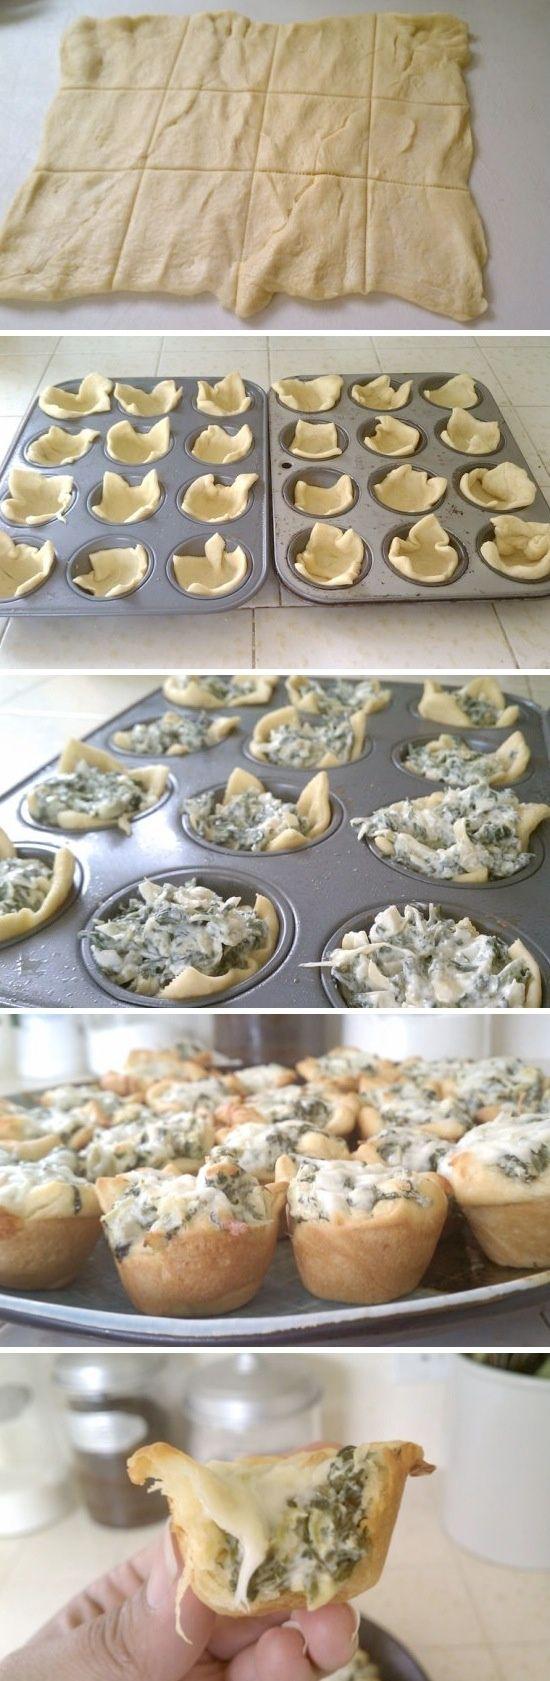 Spinach Artichoke Bites using crescent roll dough. Great! Minus artichokes and pesto